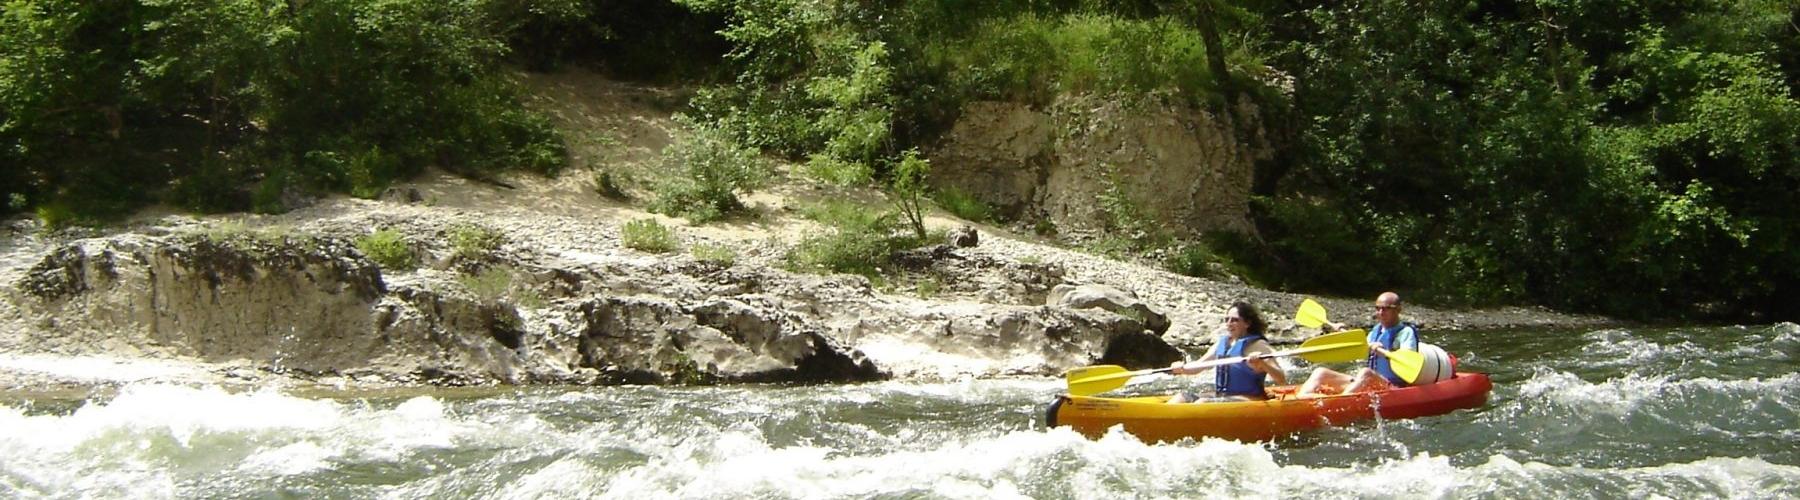 Séminaire de pleine nature en Ardèche